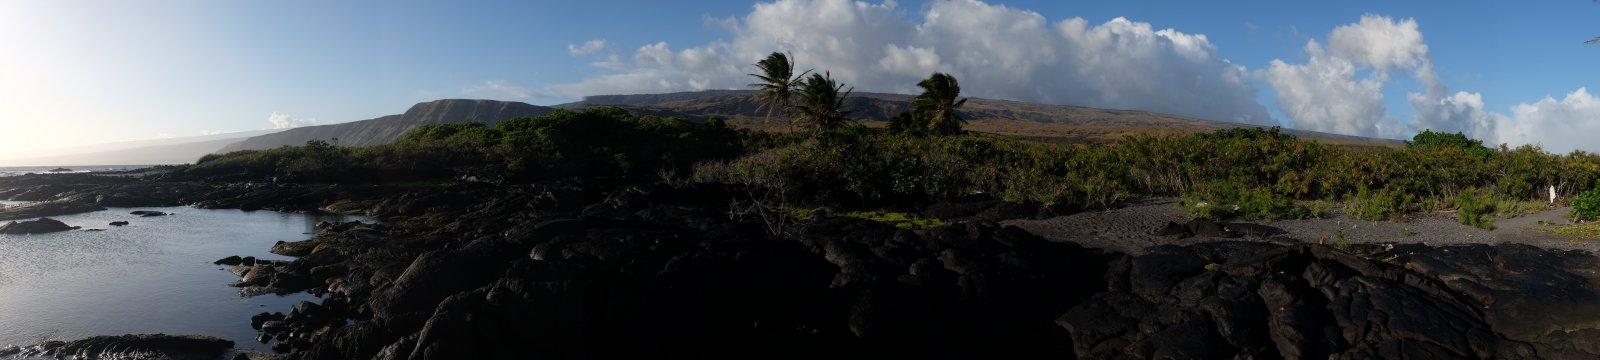 Hawaii2020 (20 of 64)-4.jpg